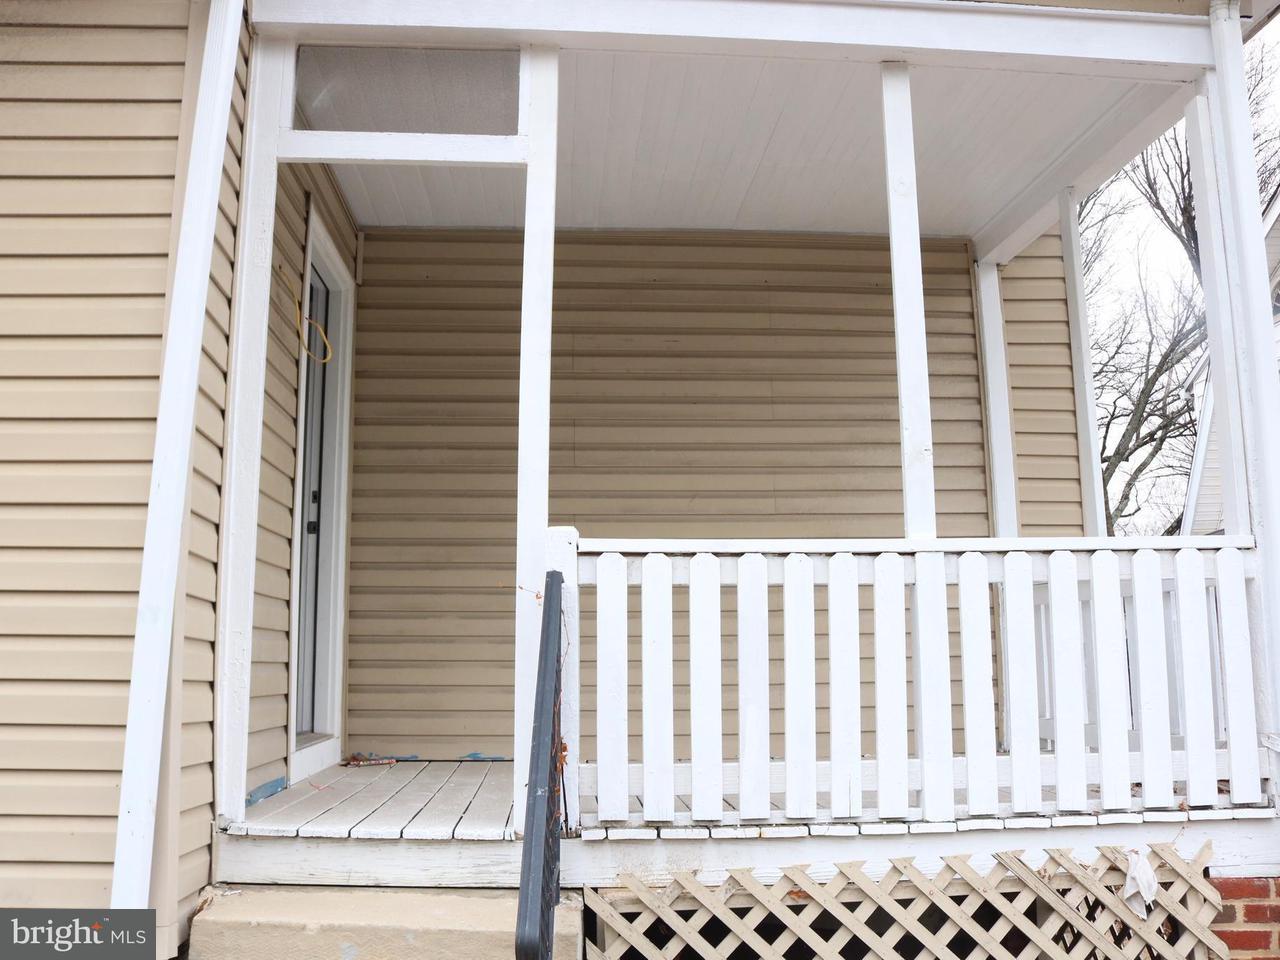 獨棟家庭住宅 為 出售 在 2845 MONROE ST NE 2845 MONROE ST NE Washington, 哥倫比亞特區 20018 美國